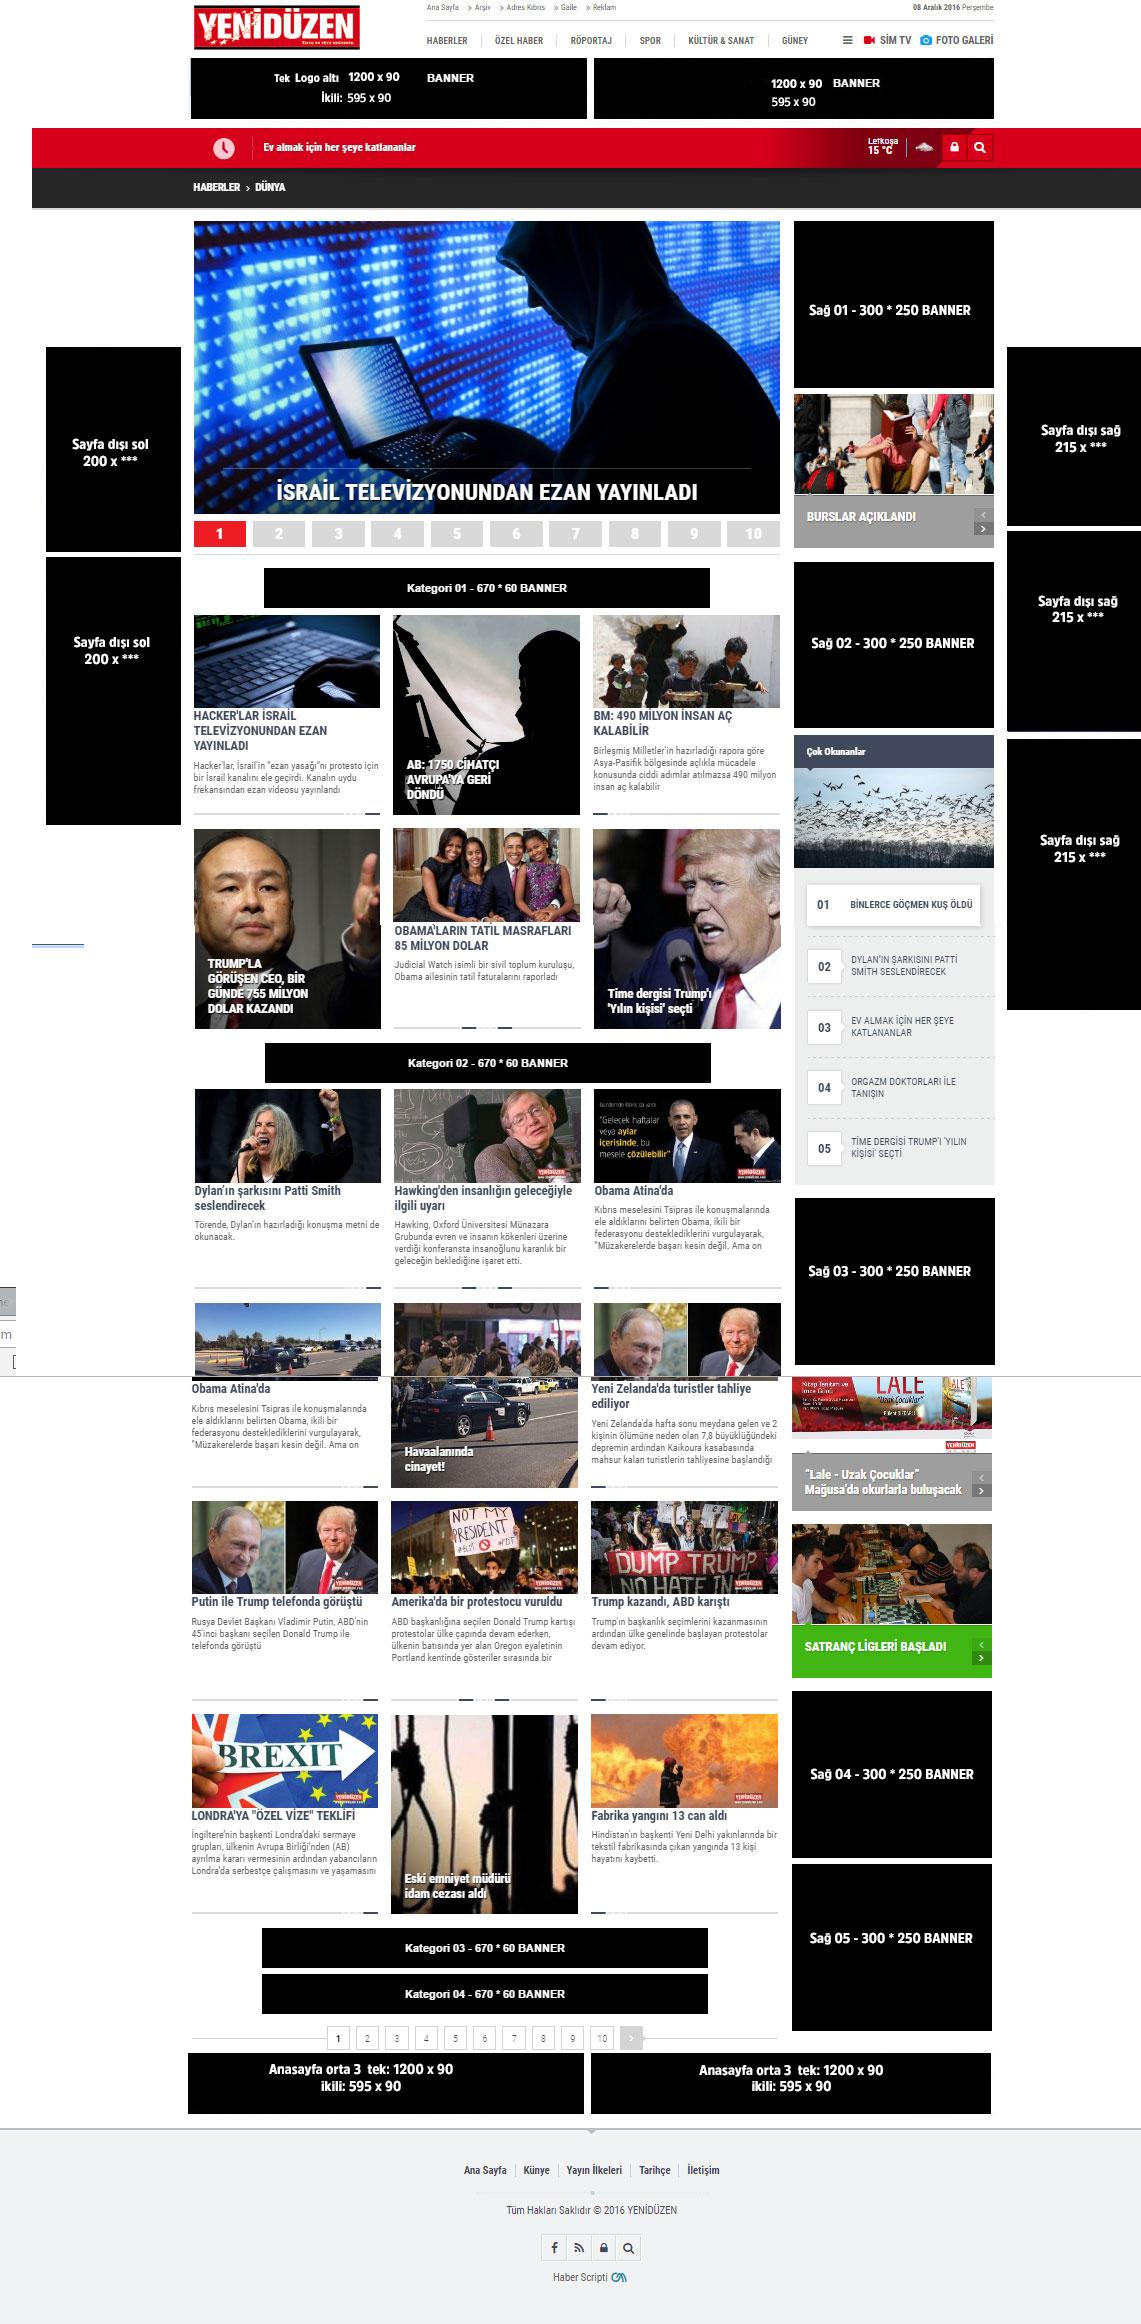 kategori-detay-sayfalar-reklam-alanlari-001.jpg